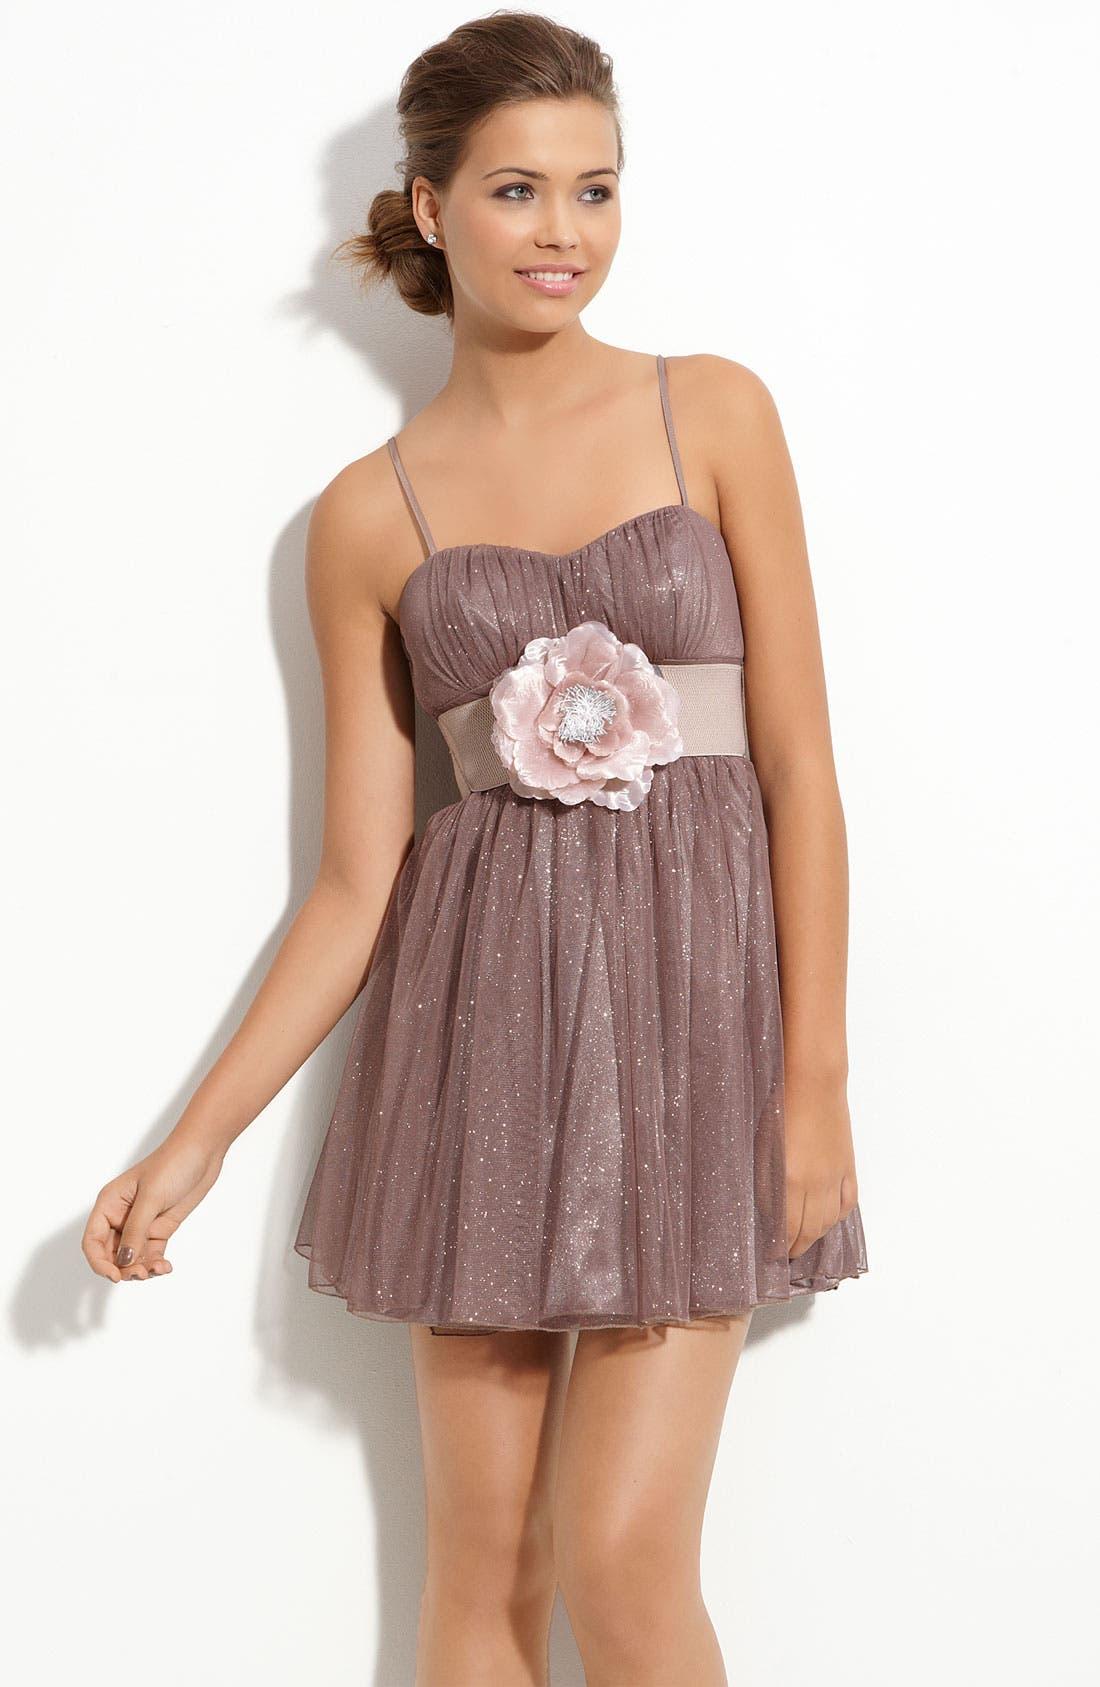 Alternate Image 1 Selected - Accidentally In Love Glitter Dress (Juniors)